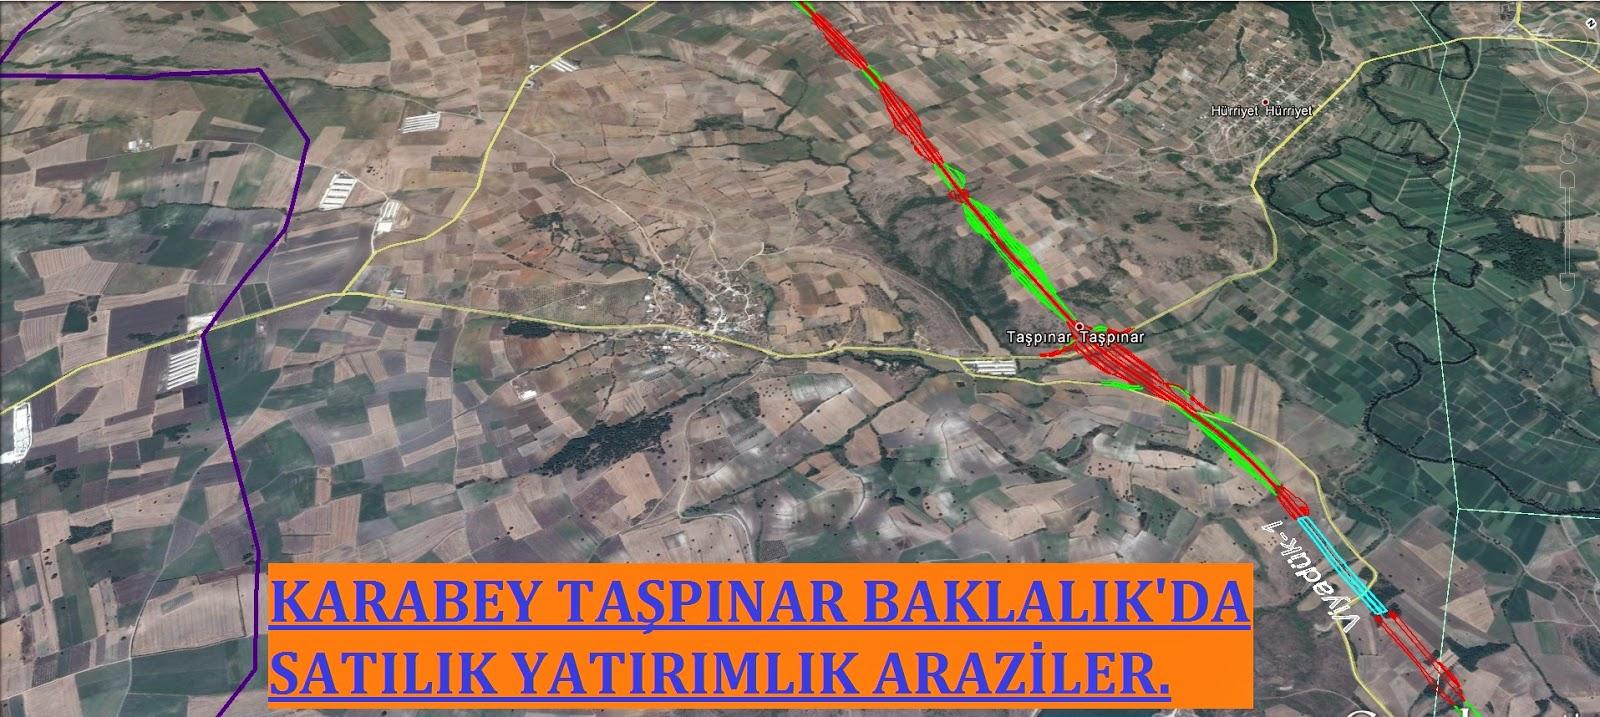 http://www.dijitalemlak.com.tr/ilan/2203356_karacabey-taspinar-baklalikda-36-donum-satilik-yatirimlikarazi.html